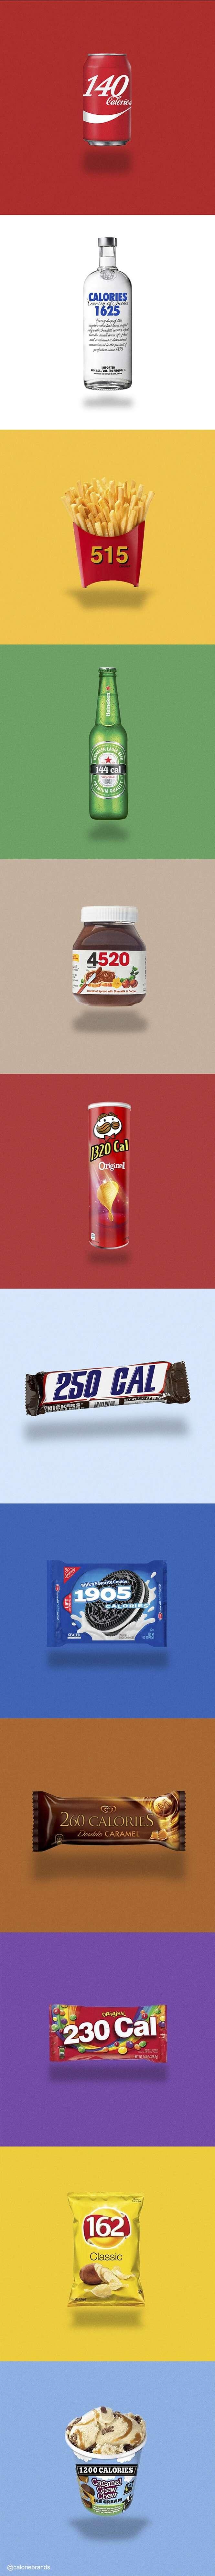 Logomarcas de empresas são redesenhadas para mostrar quantas calorias existem no próprio produto